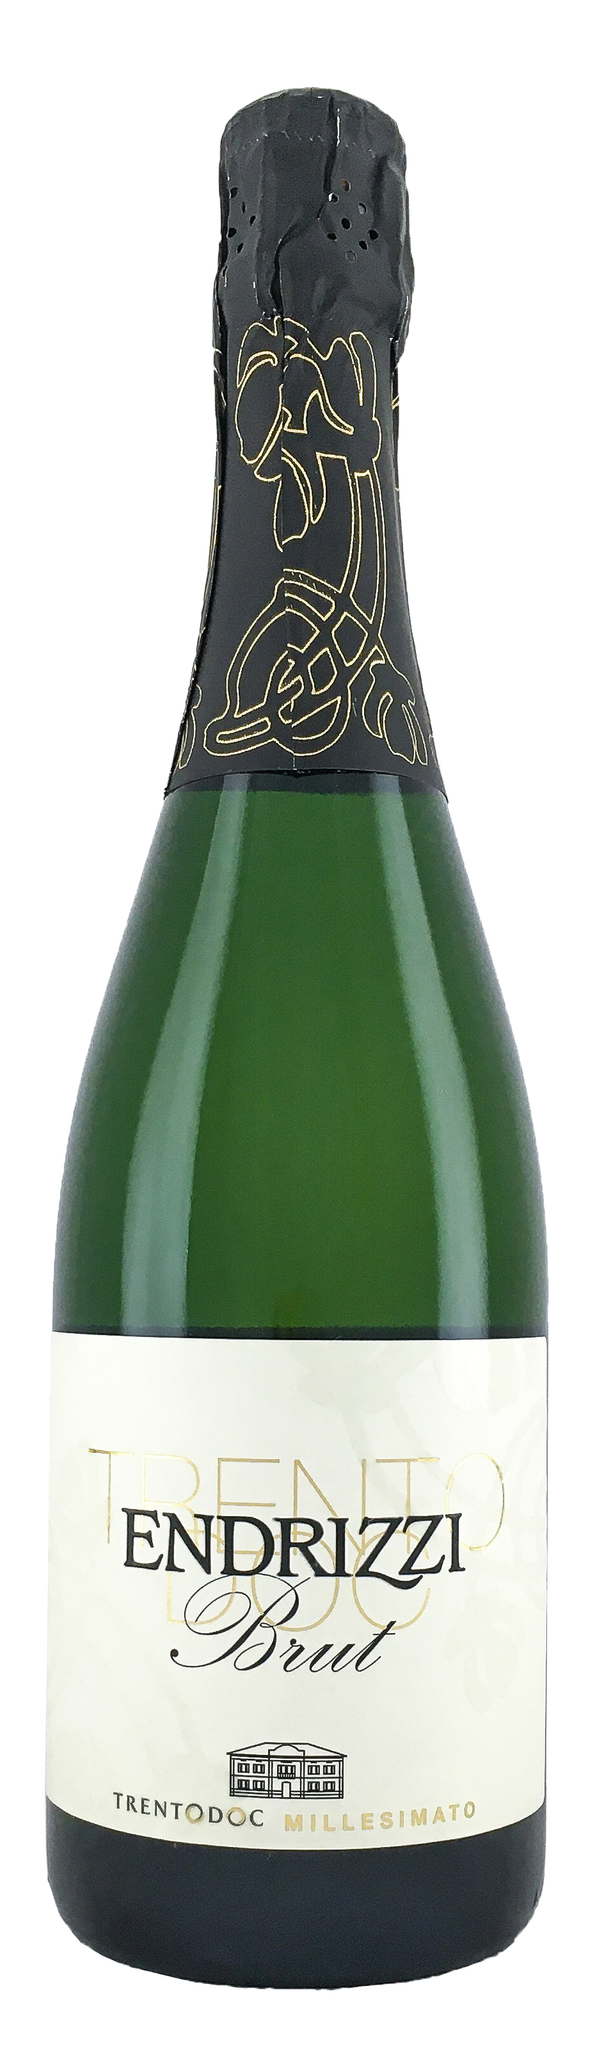 Вино Эндрицци Брют Классический метод Тренто игрист.сух.бел.з.н.м.п.рег.Трентино кат. DOC 0,75л.